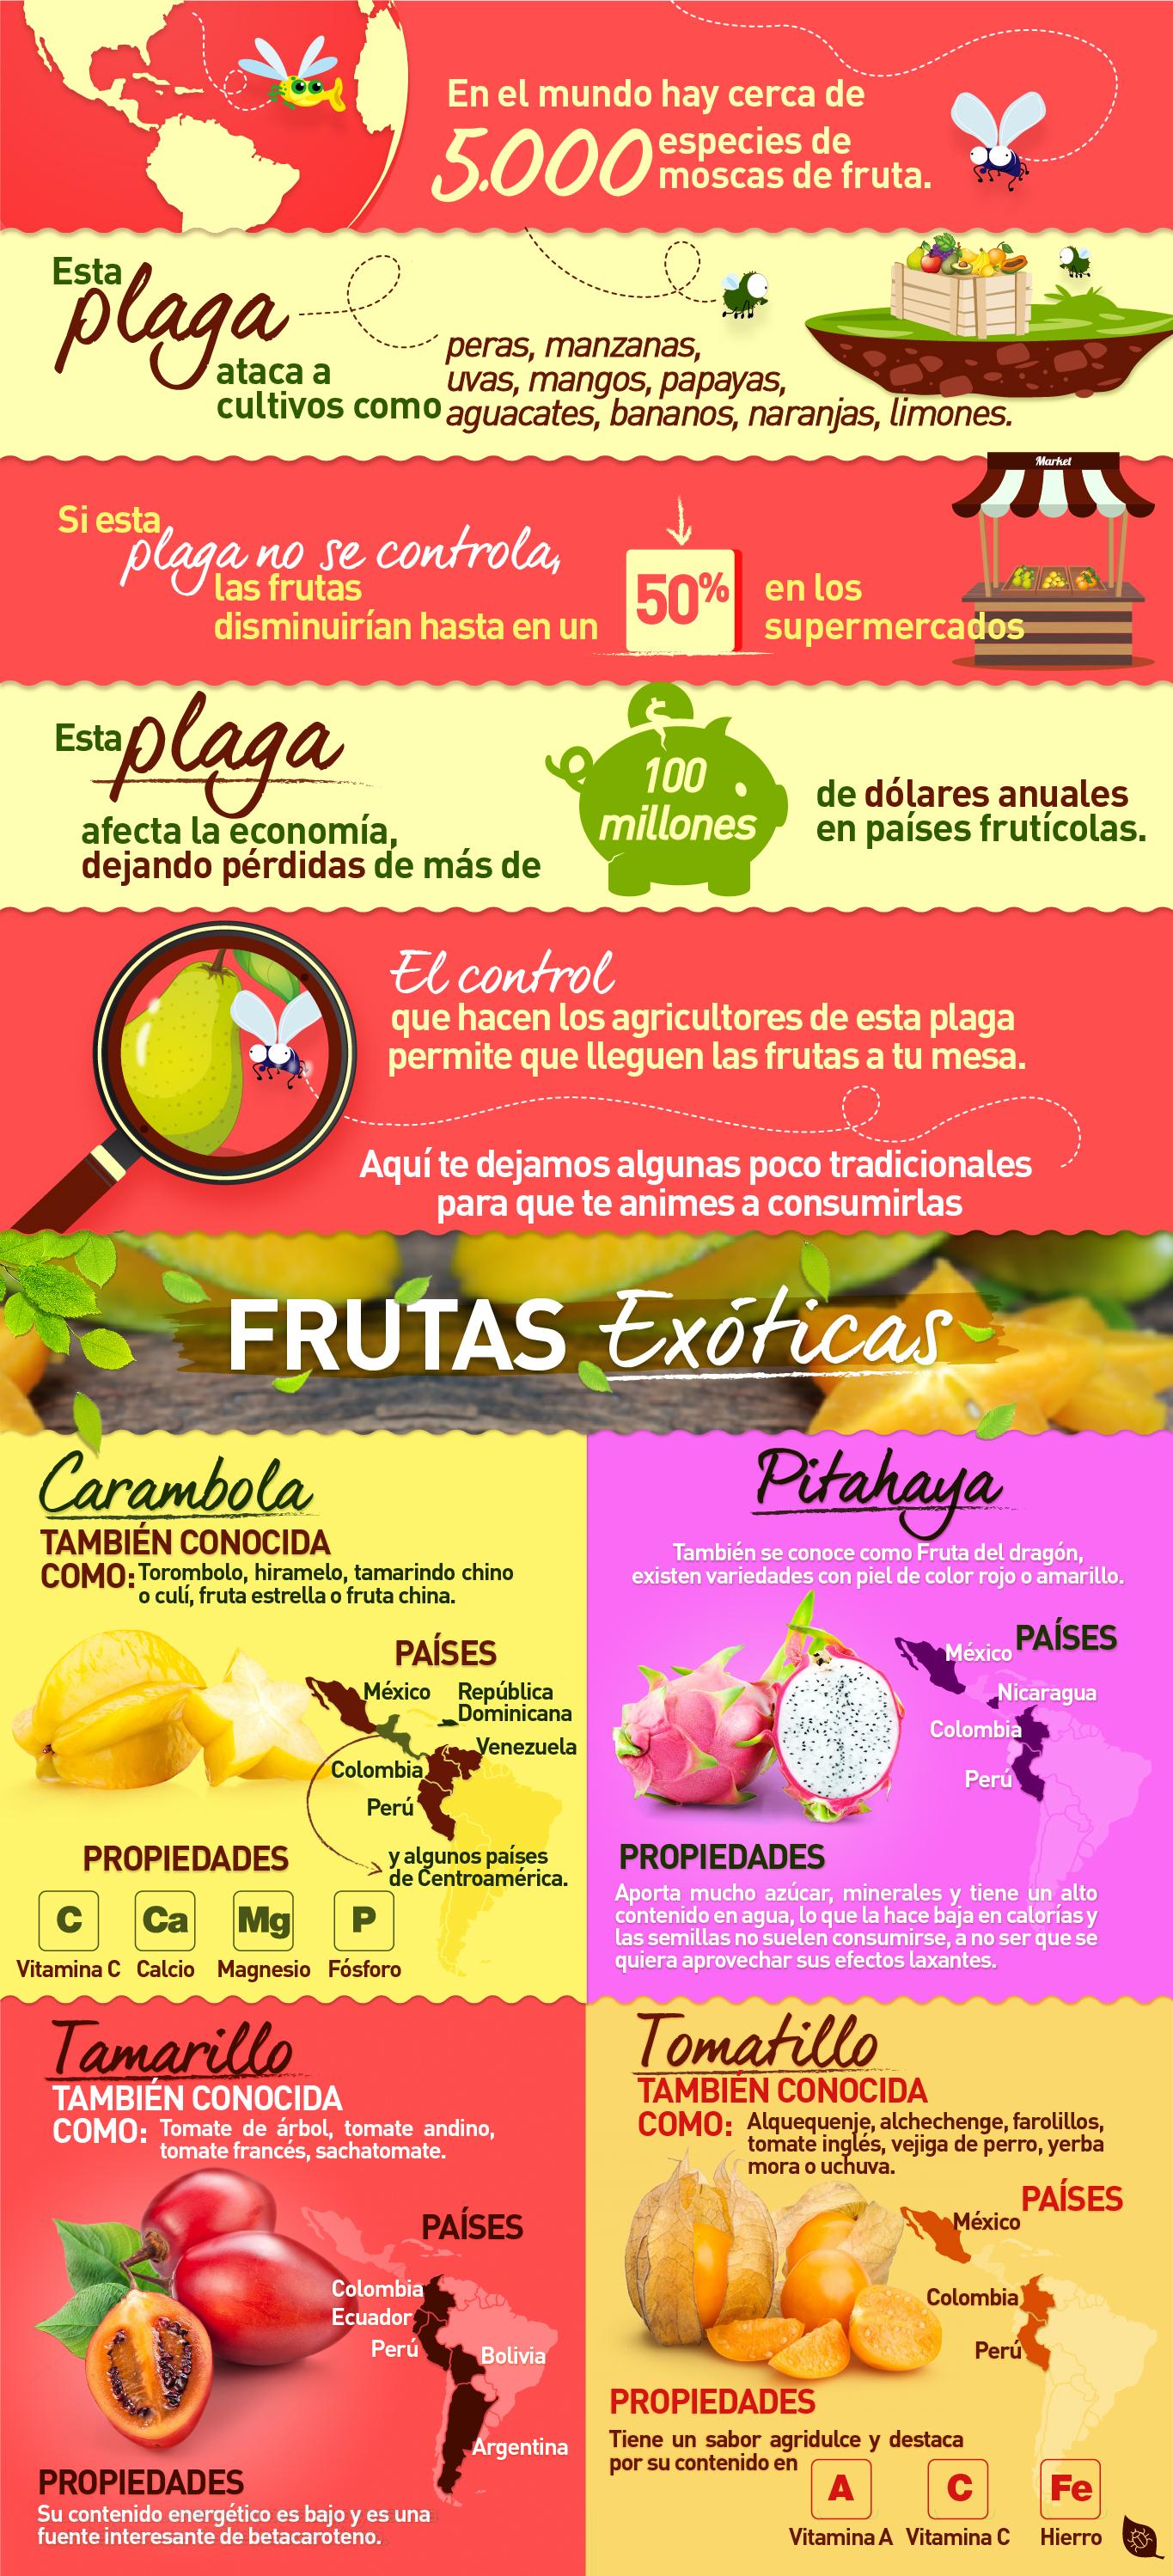 Mosca de la fruta, frutas exóticas